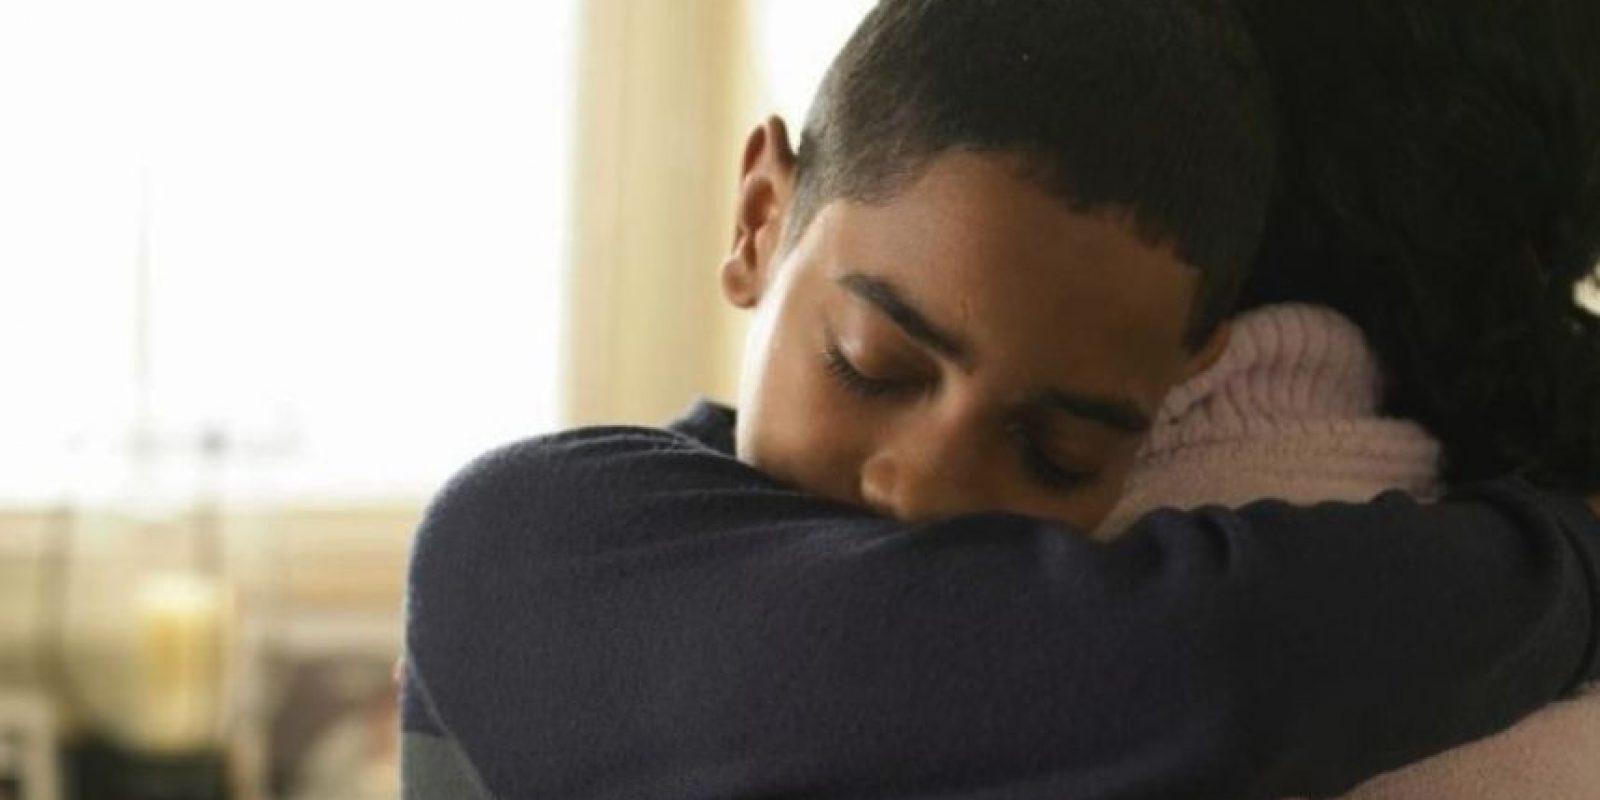 Chloe Inman, de 16 años, sufrió pérdida total de la memoria durante dos años, debido a los efectos secundarios de una punción lumbar. Un dia en casa, su hermano Caleb, de seis años, entró a su habitación y le dio un abrazo. En ese momento todos los recuerdos llegaron de nuevo a su cabeza. Foto:Tumblr.com/Tagged-abrazo